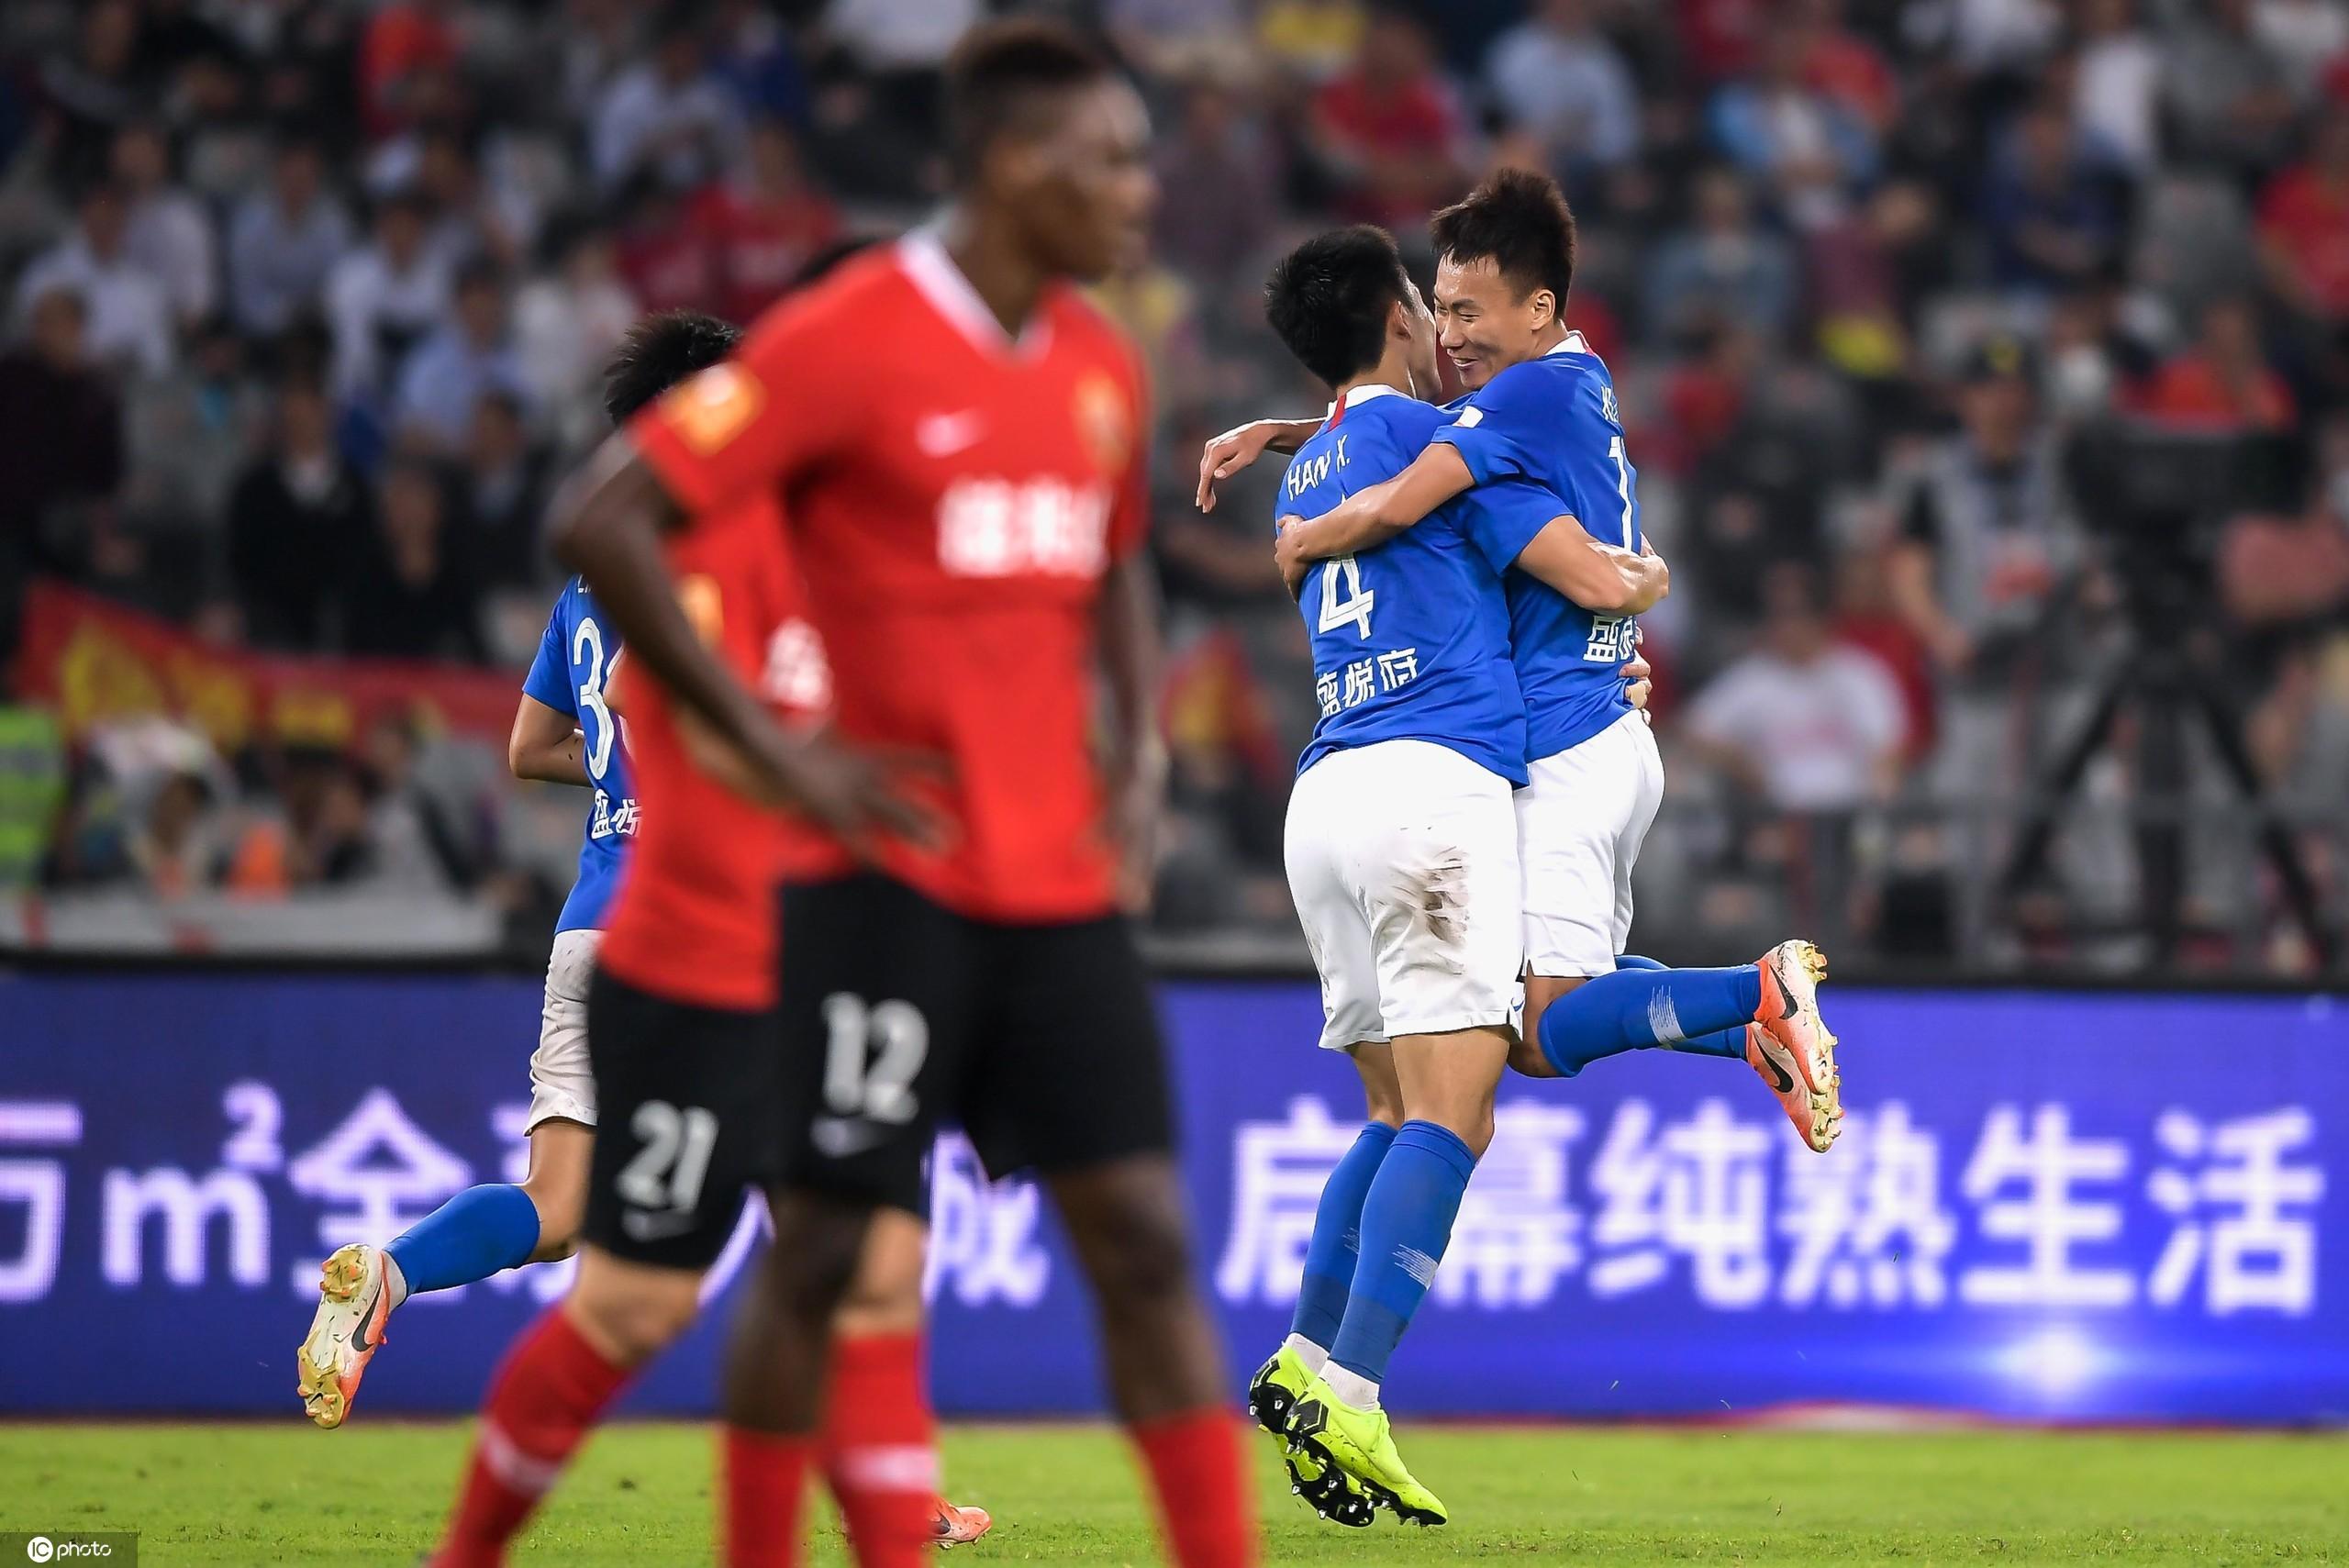 伊沃巴索戈两分钟连入2球,深圳3-3十人建业提前降级